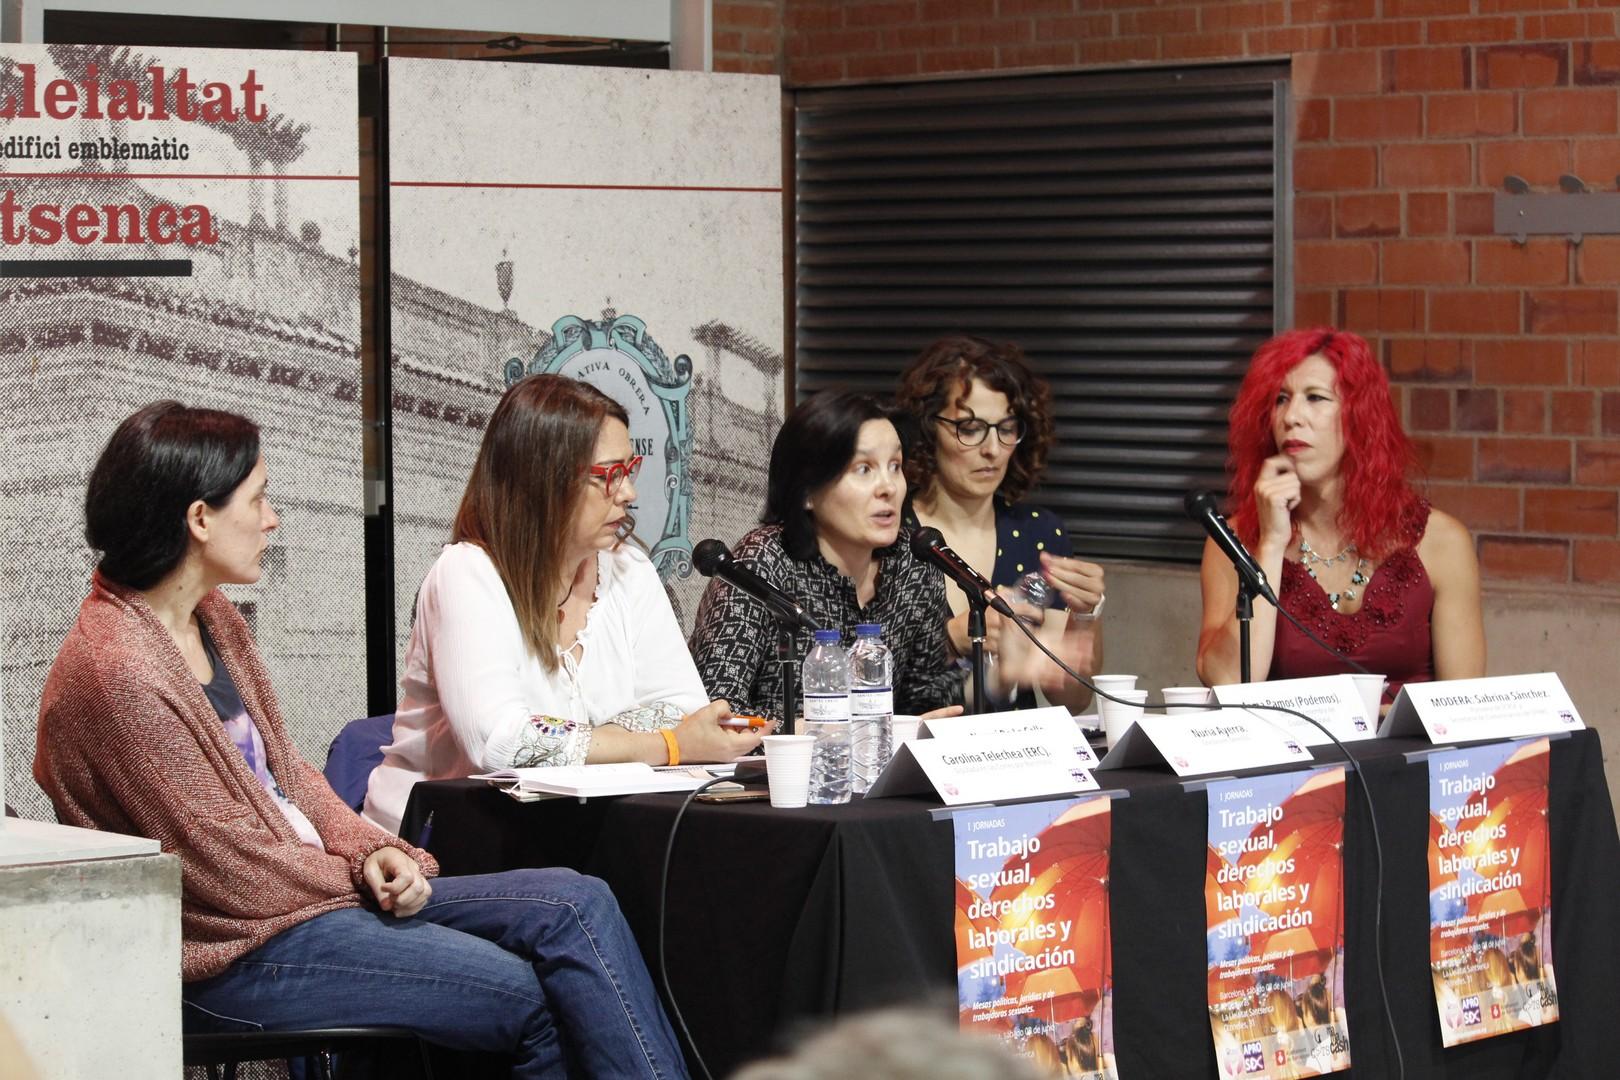 Nuria Y Jota D Porno 8j 2019 - sindicato otras